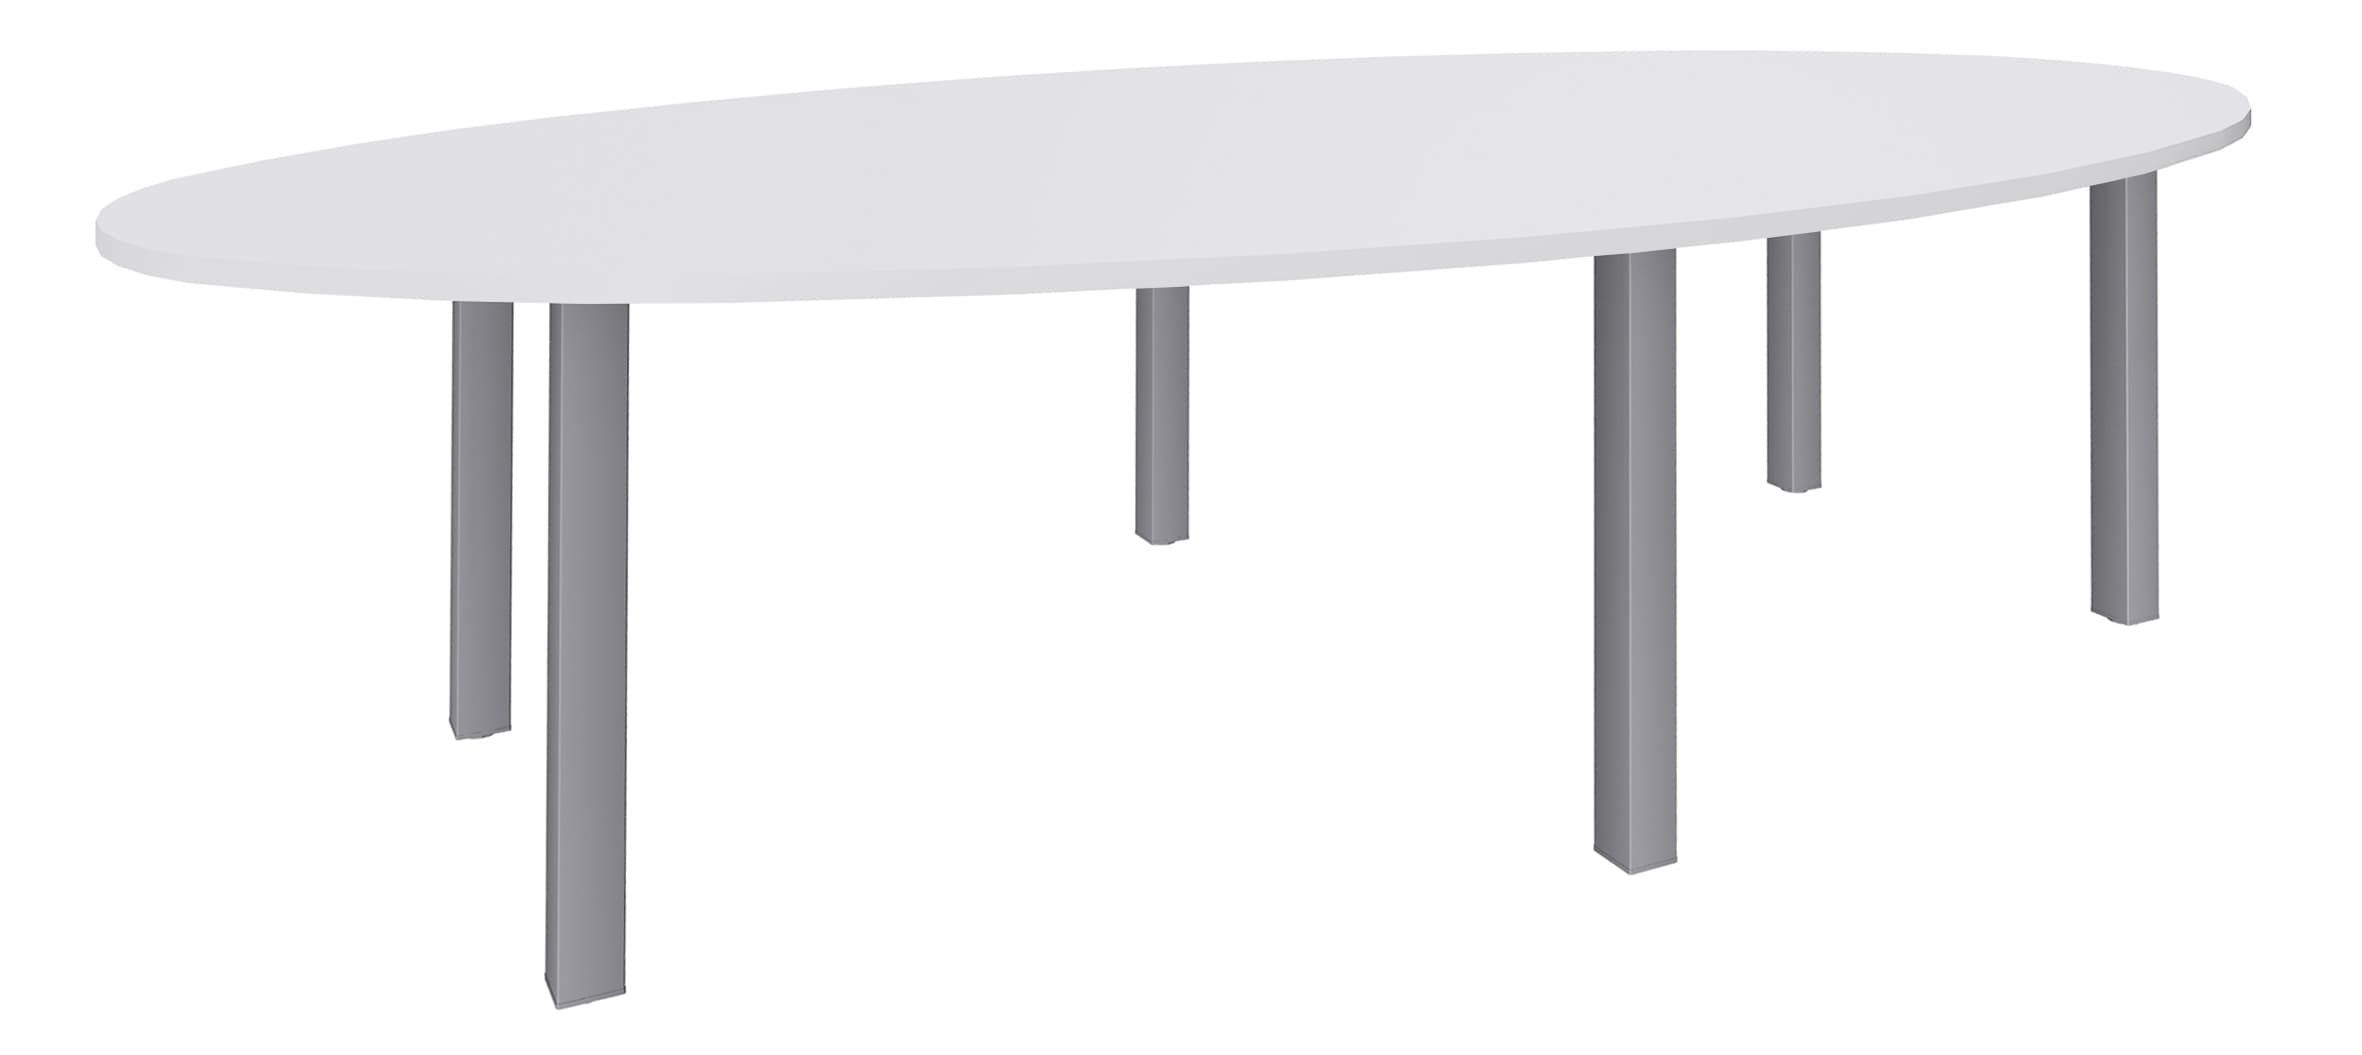 Table de réunion ovale - L280 cm - pieds exprim alu - Plateau blanc perle